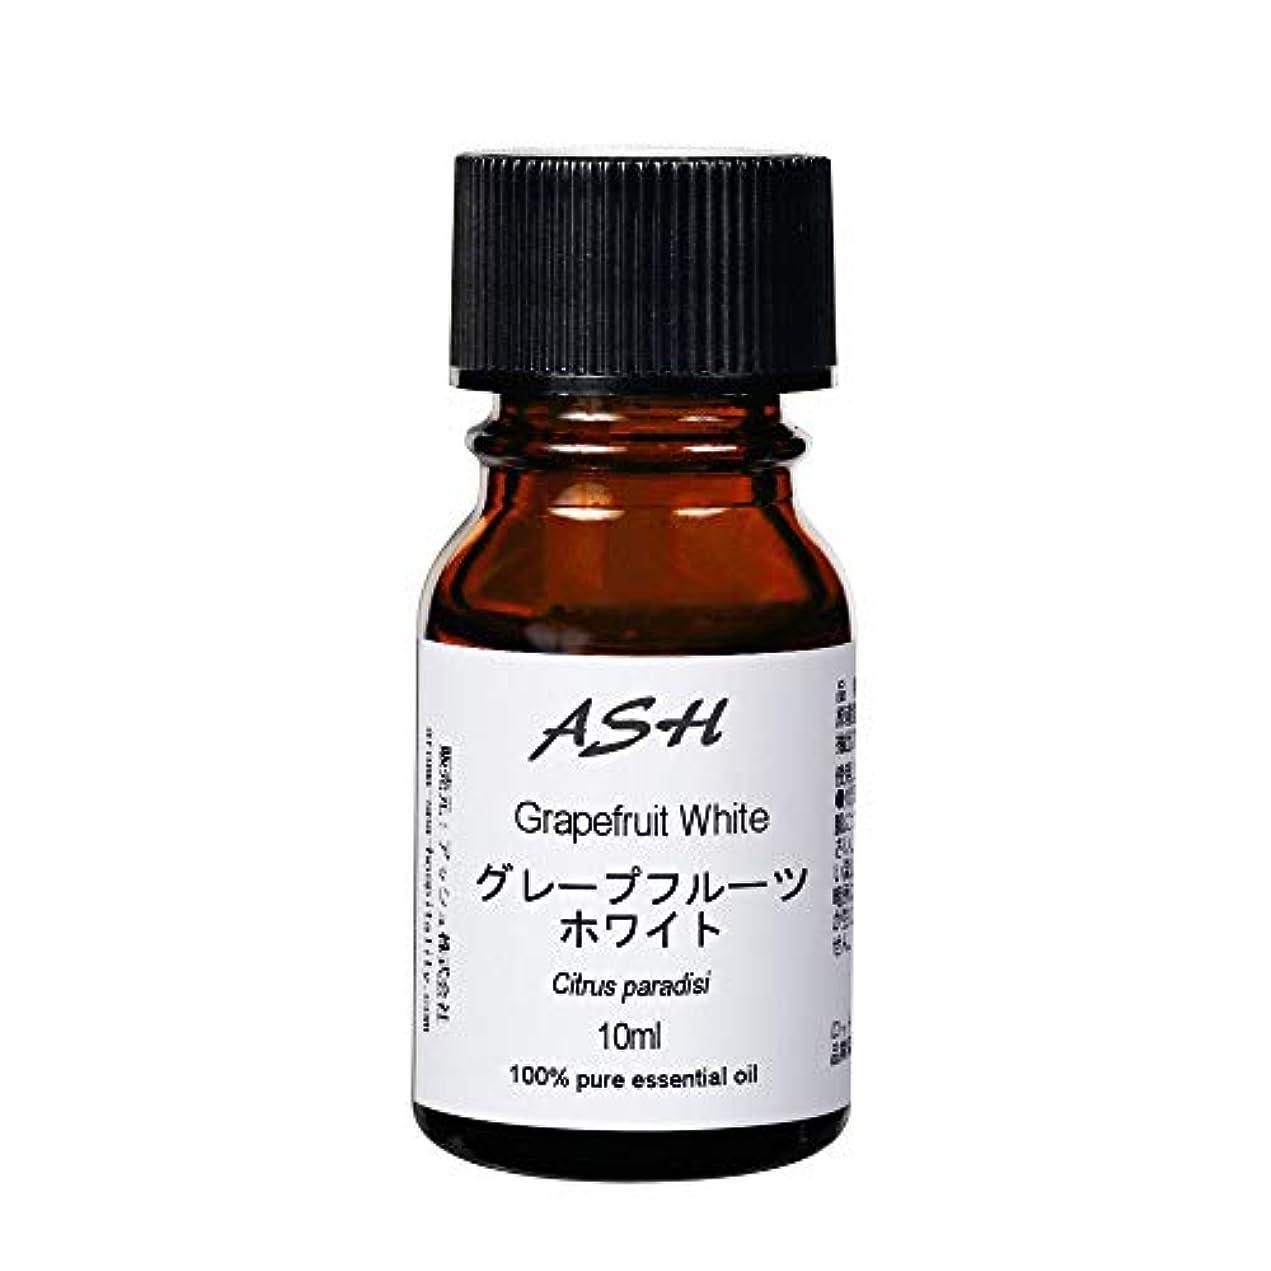 政府割り当てる破壊的ASH グレープフルーツホワイト エッセンシャルオイル 10ml AEAJ表示基準適合認定精油